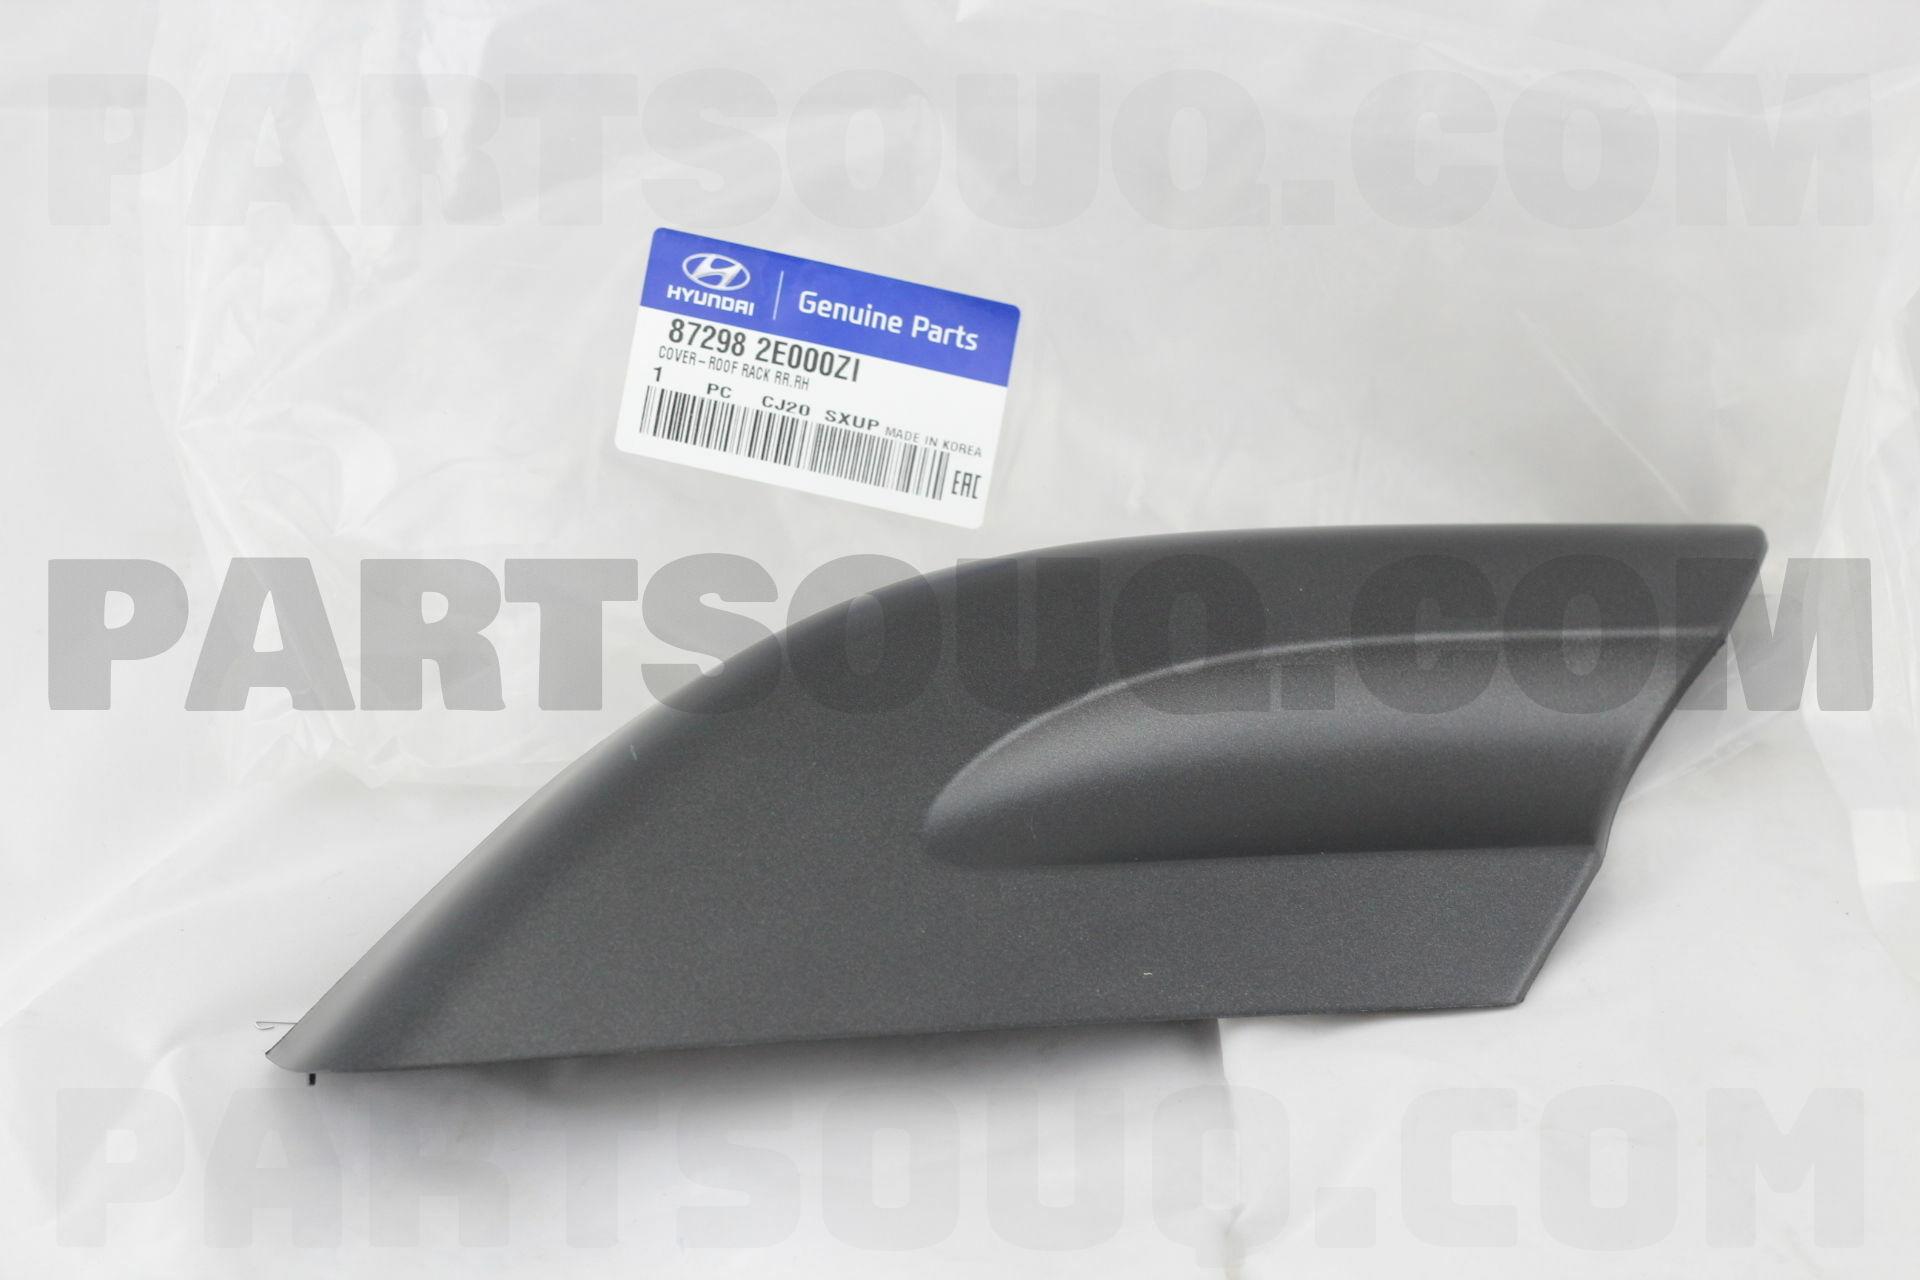 HYUNDAI Genuine 87298-2E000-ZI Roof Rack Cover